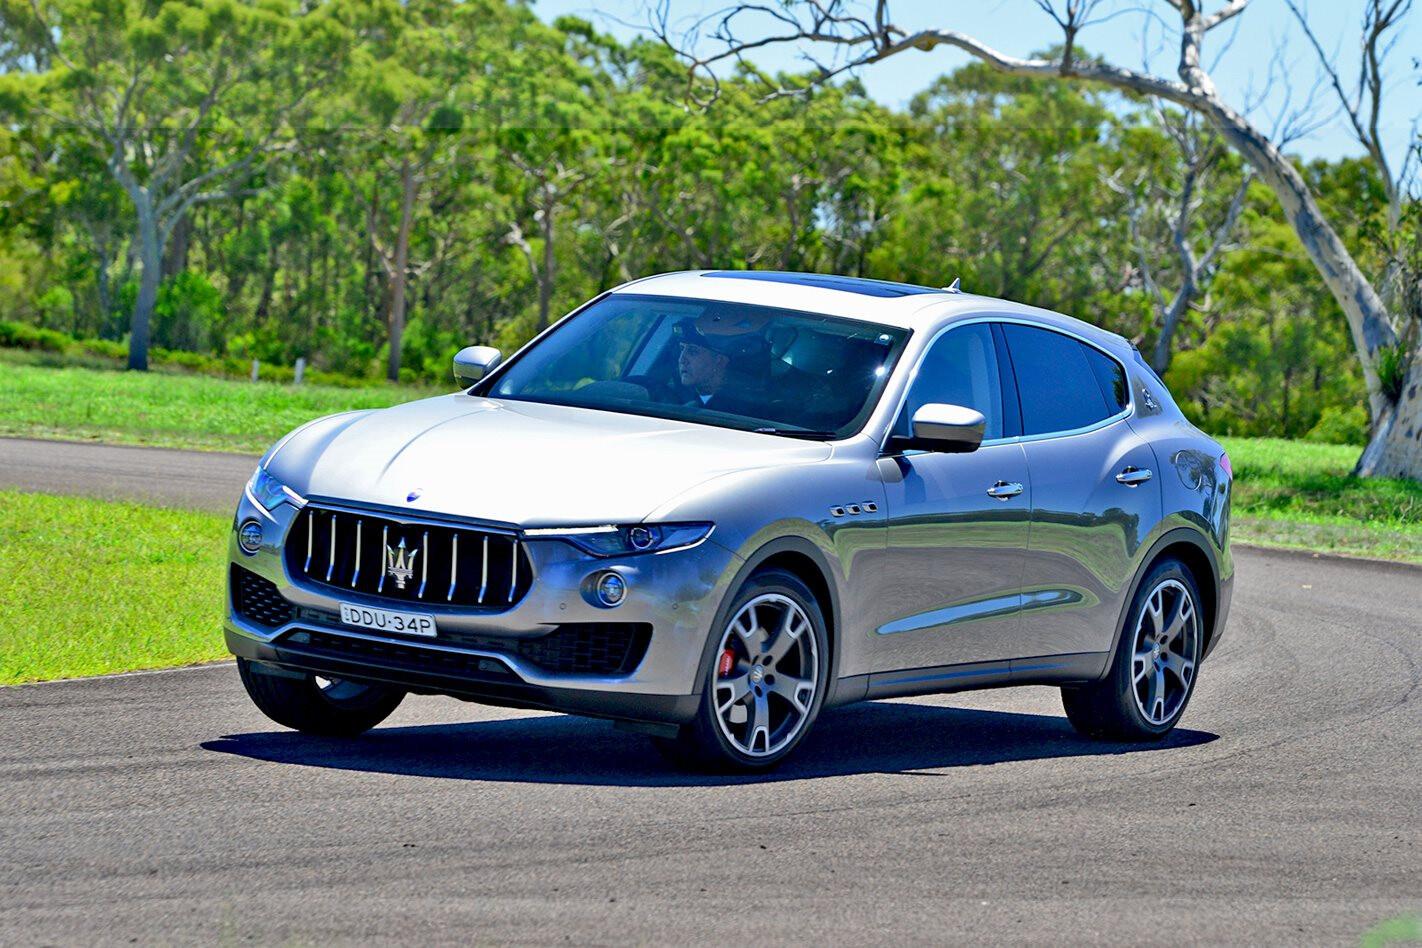 2017 Maserati Levante Turbo Diesel